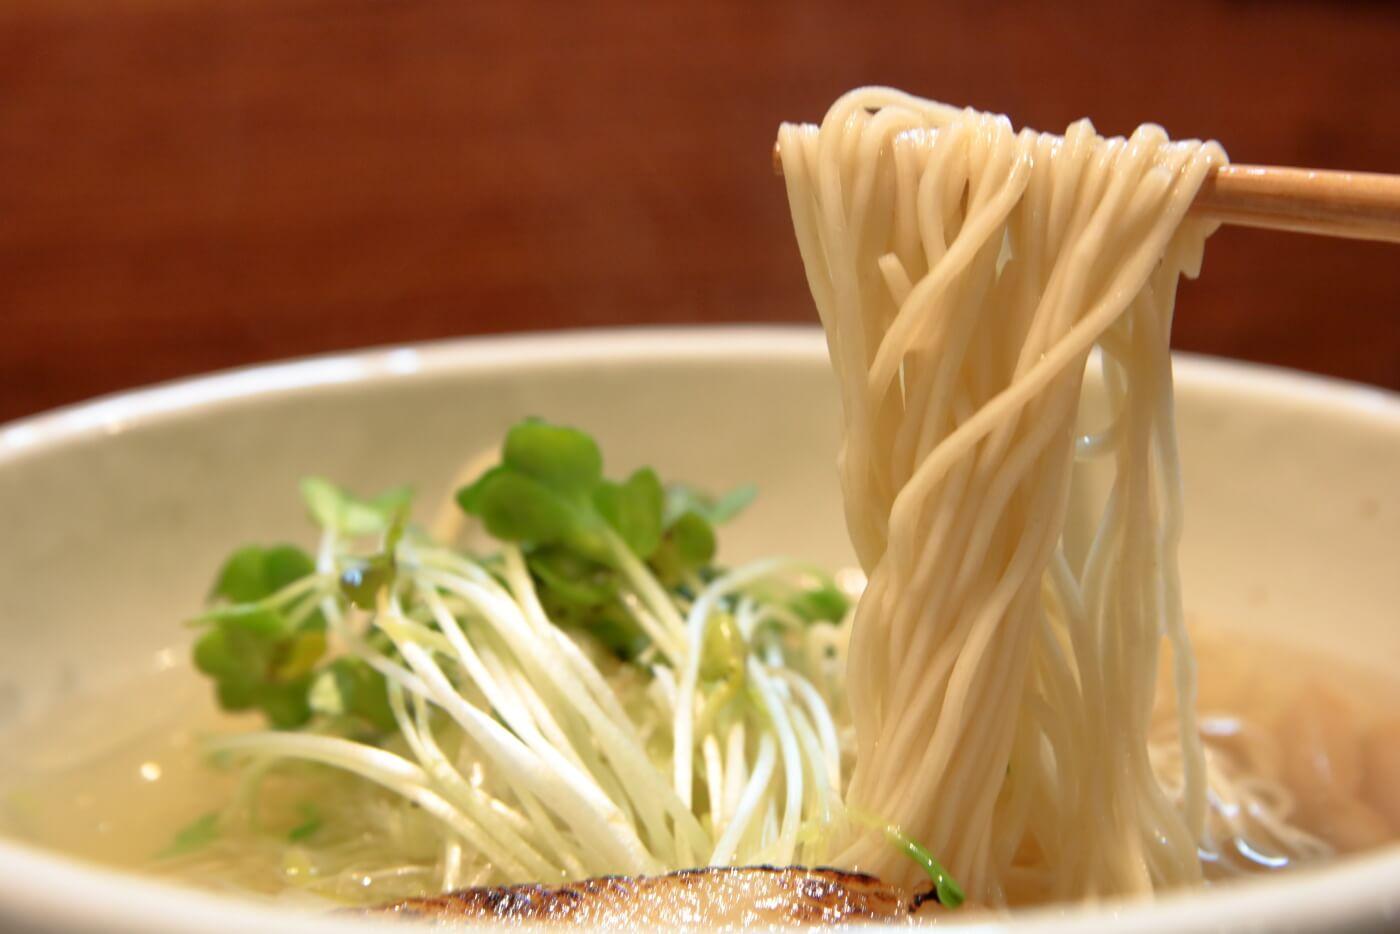 高知市帯屋町のラーメン屋なゆた鯛塩ラーメンの細麺